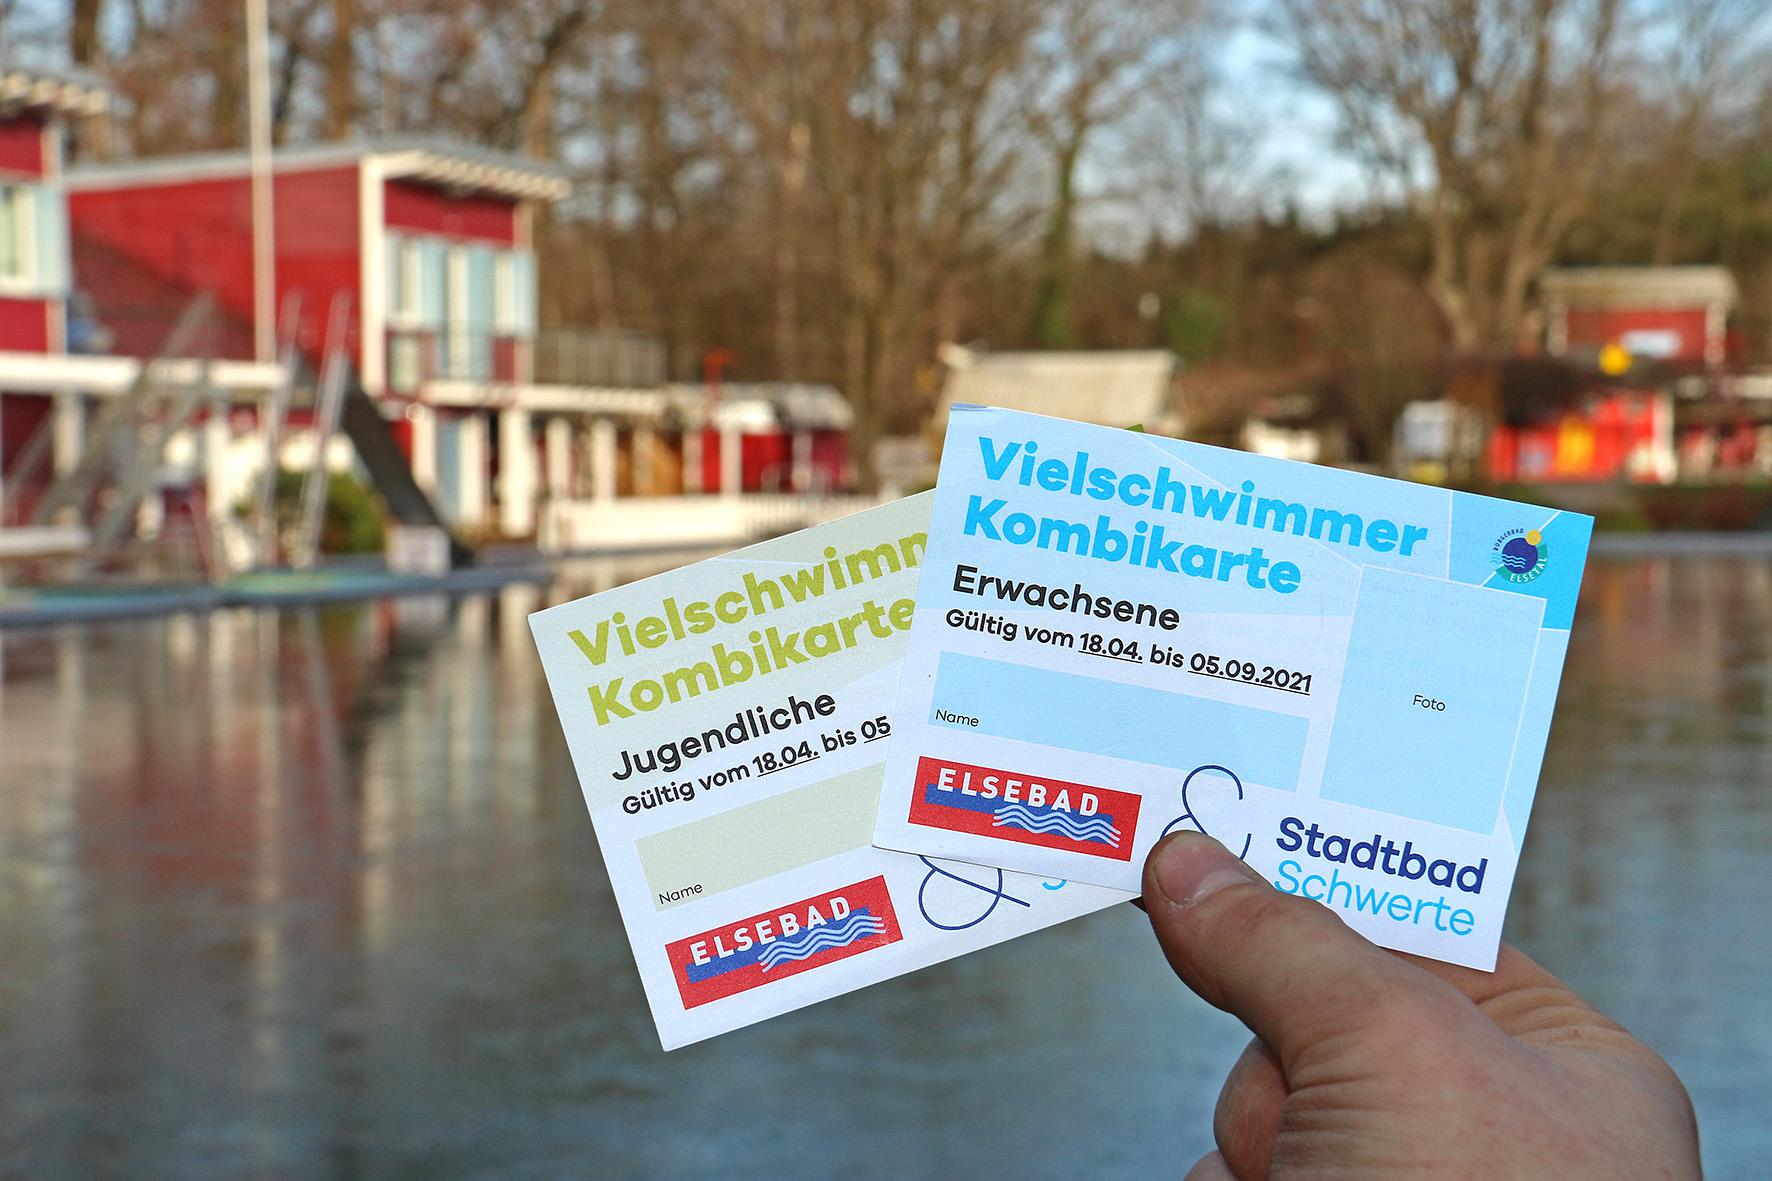 Vielschwimmerkarte für Elsebad und Stadtbad